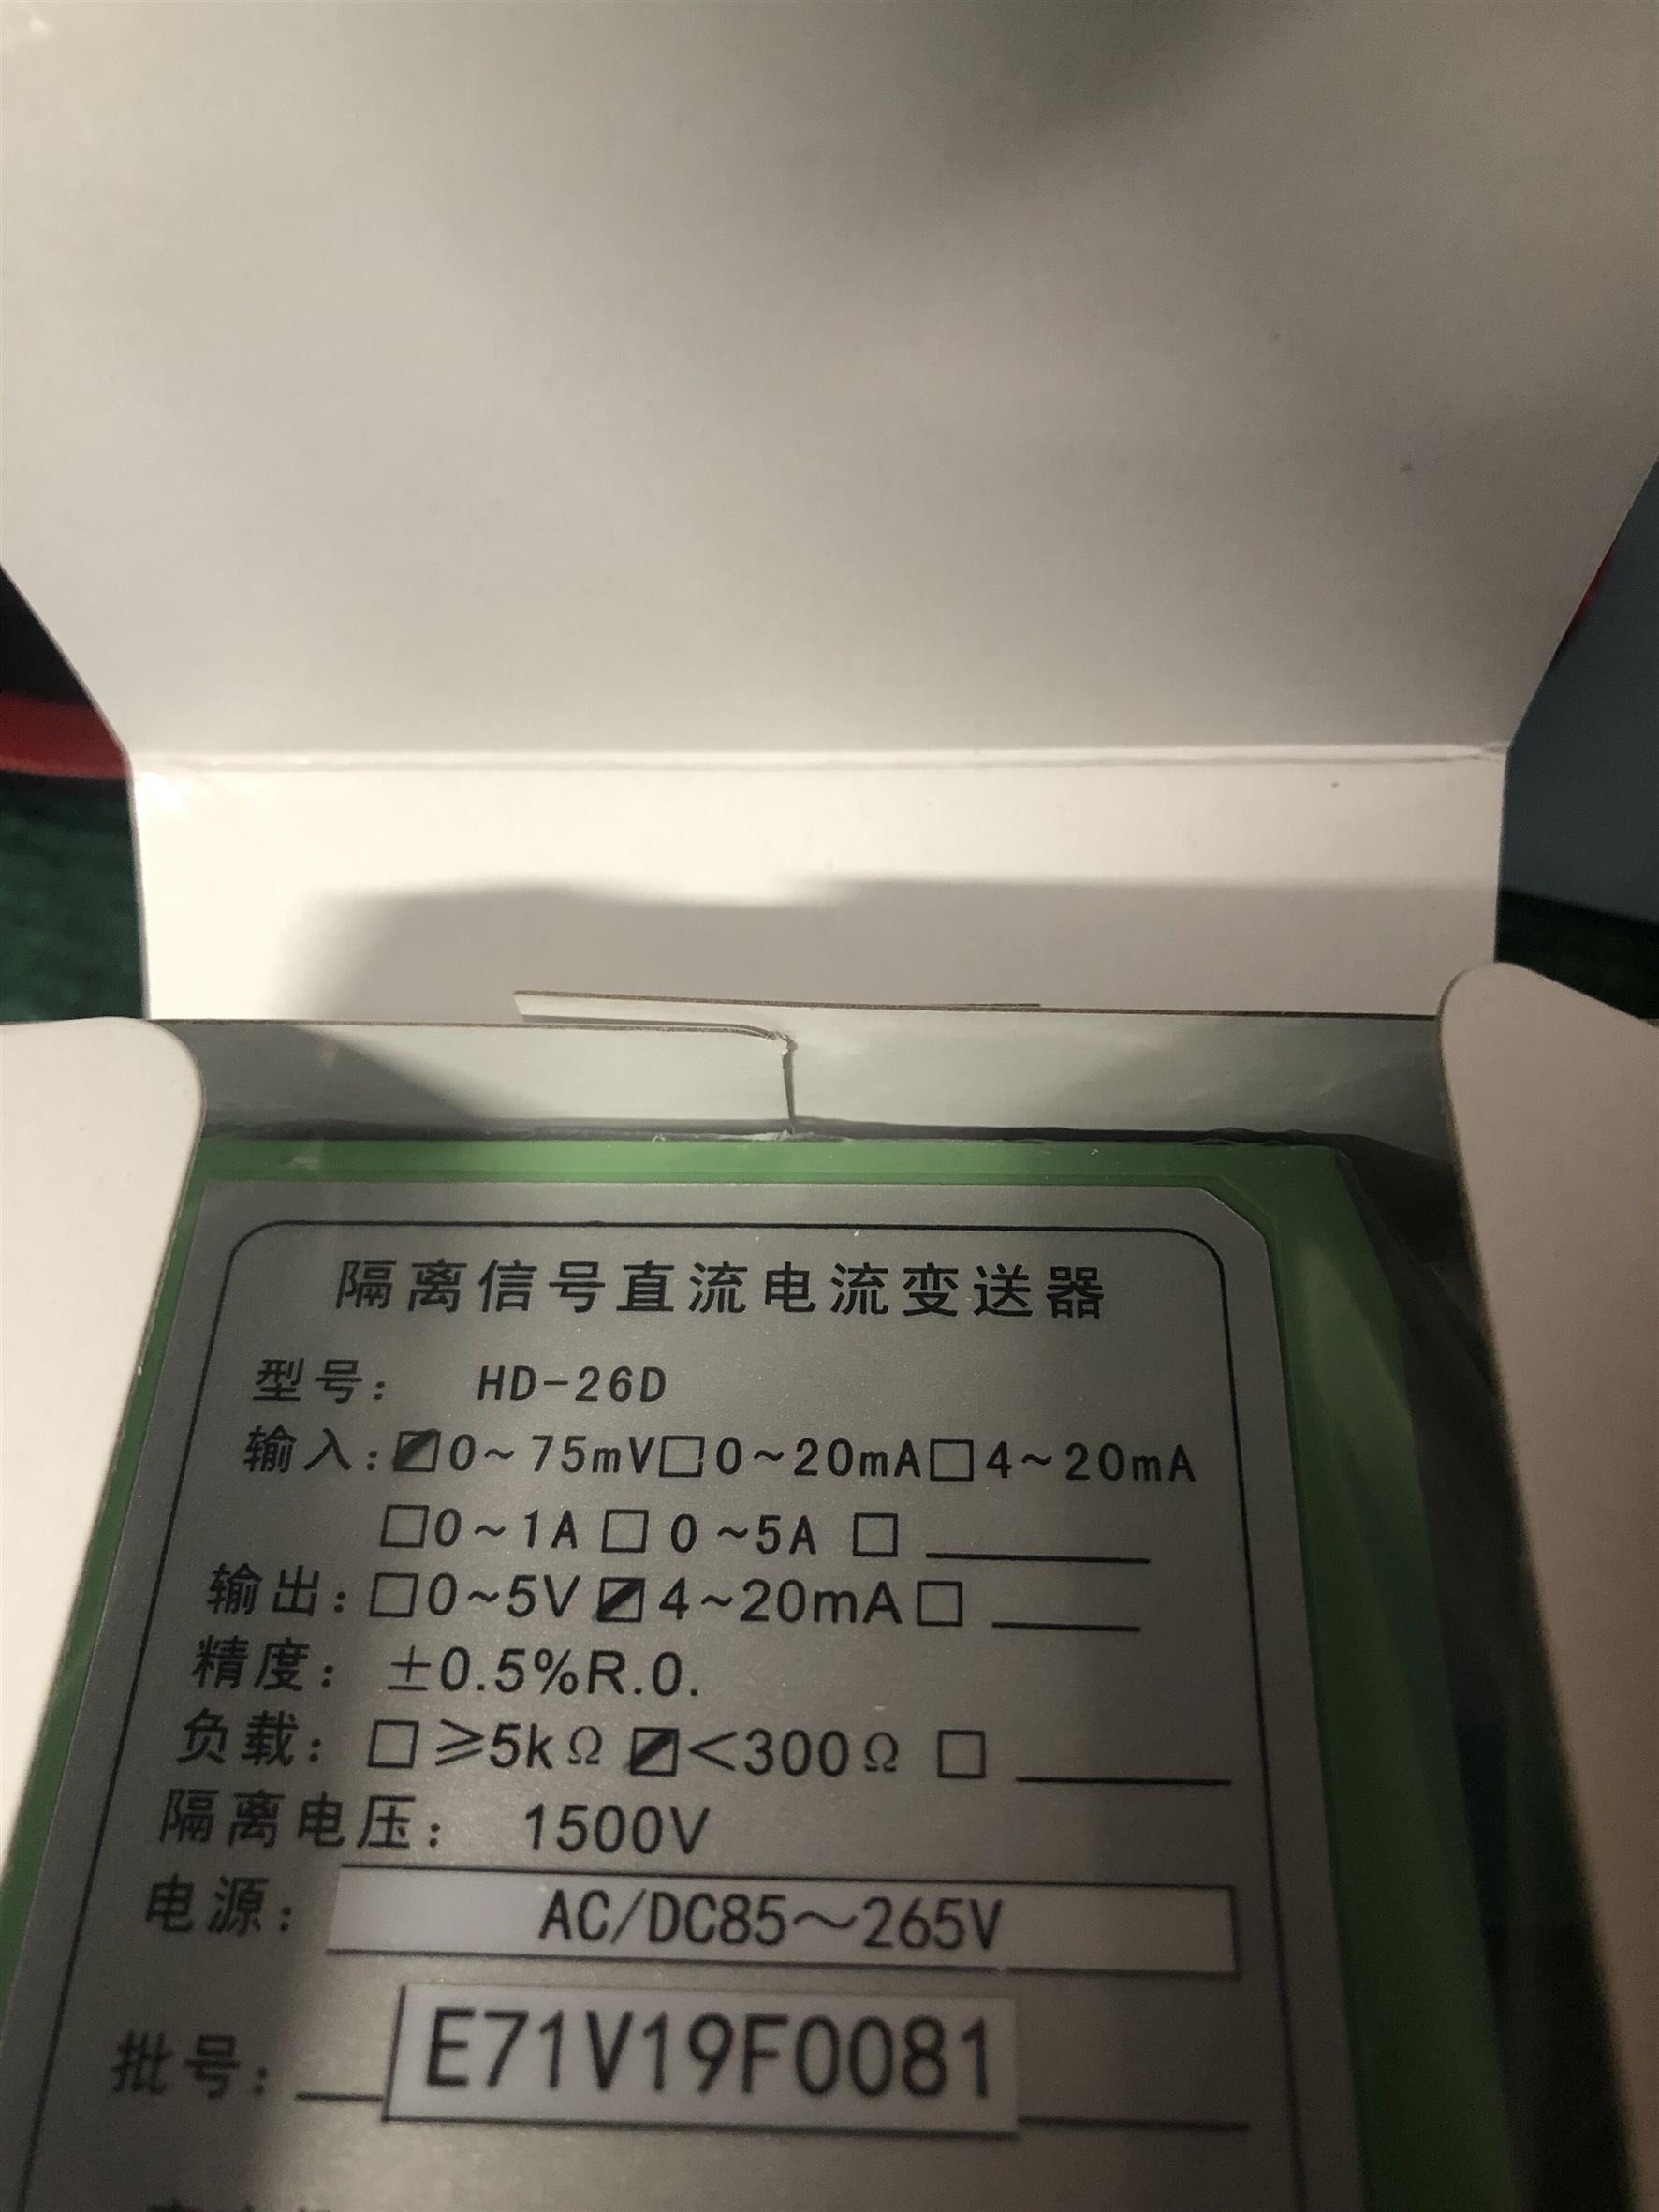 南京恒達HD-24D隔離信號溫度變送器 南京恒達溫度變送器HD-24D -20-100度